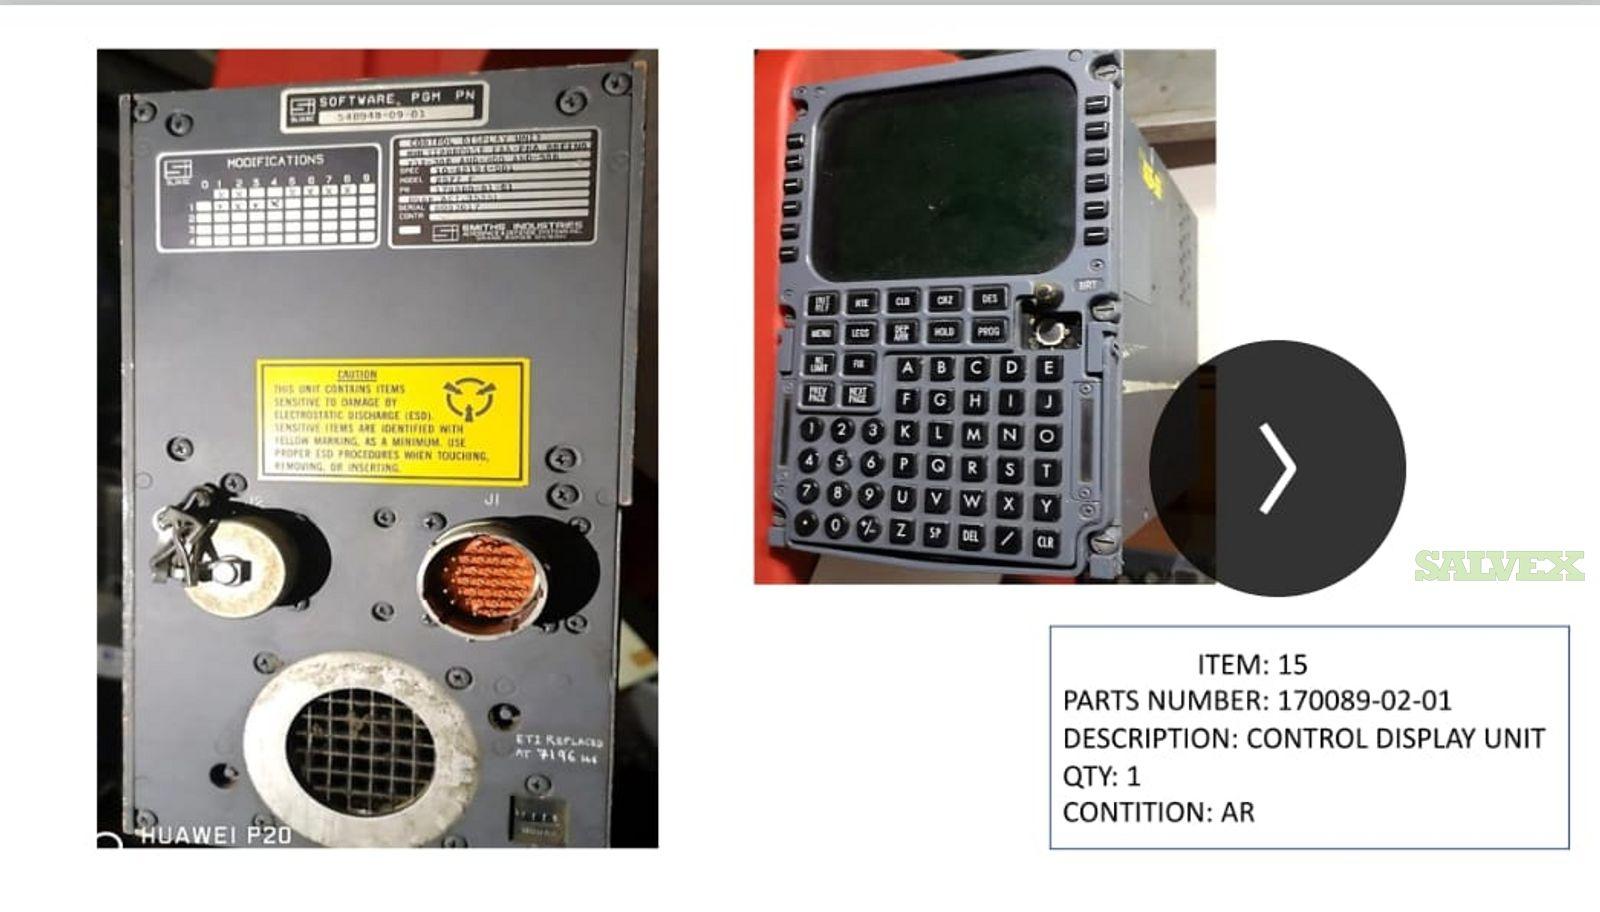 Control Display Unit (1 Unit)